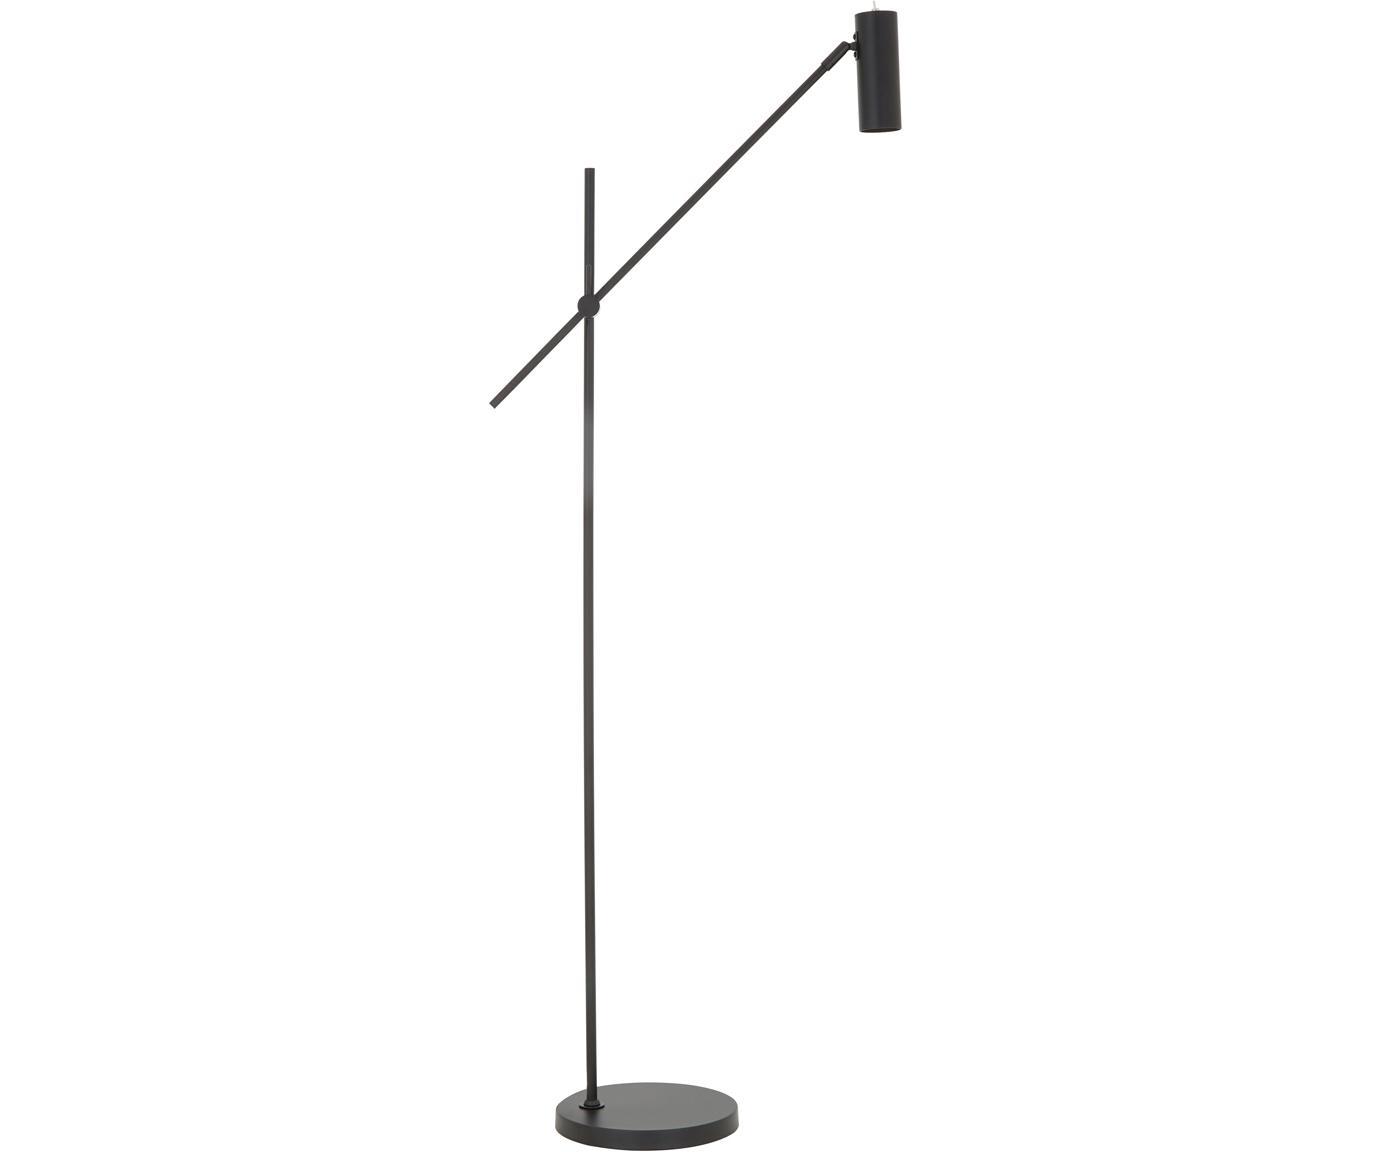 Lampa podłogowa Cassandra, Klosz: czarny, matowy Podstawa lampy: czarny, matowy Kabel: czarny, S 75 x W 152 cm